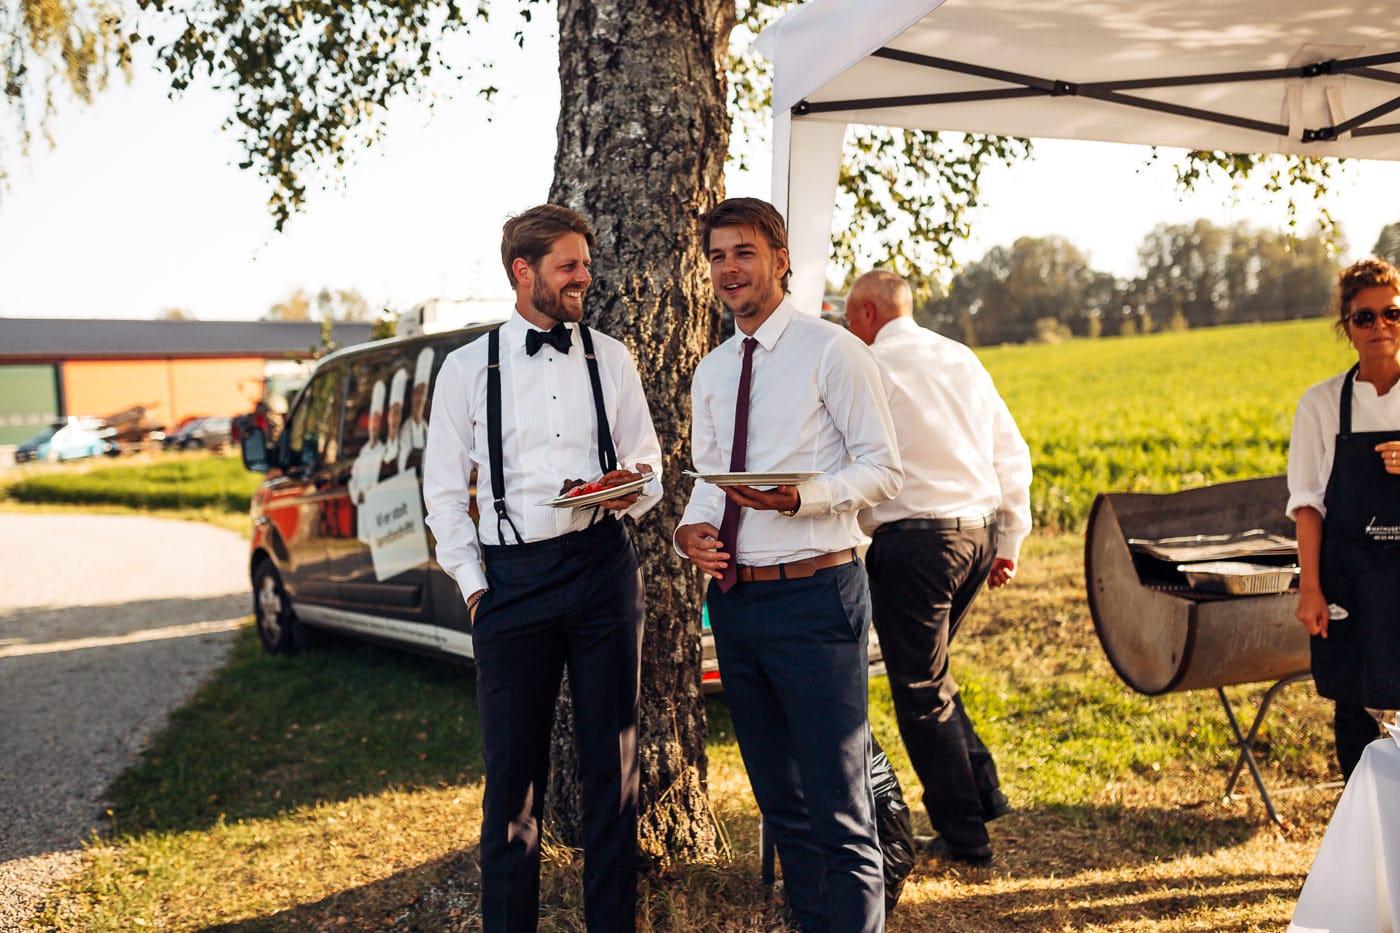 Linn & Frank - rørende og vakkert låvebryllup i Minnesund Bryllupsbilder Minnesund Eidsvoll 68 Brudepar